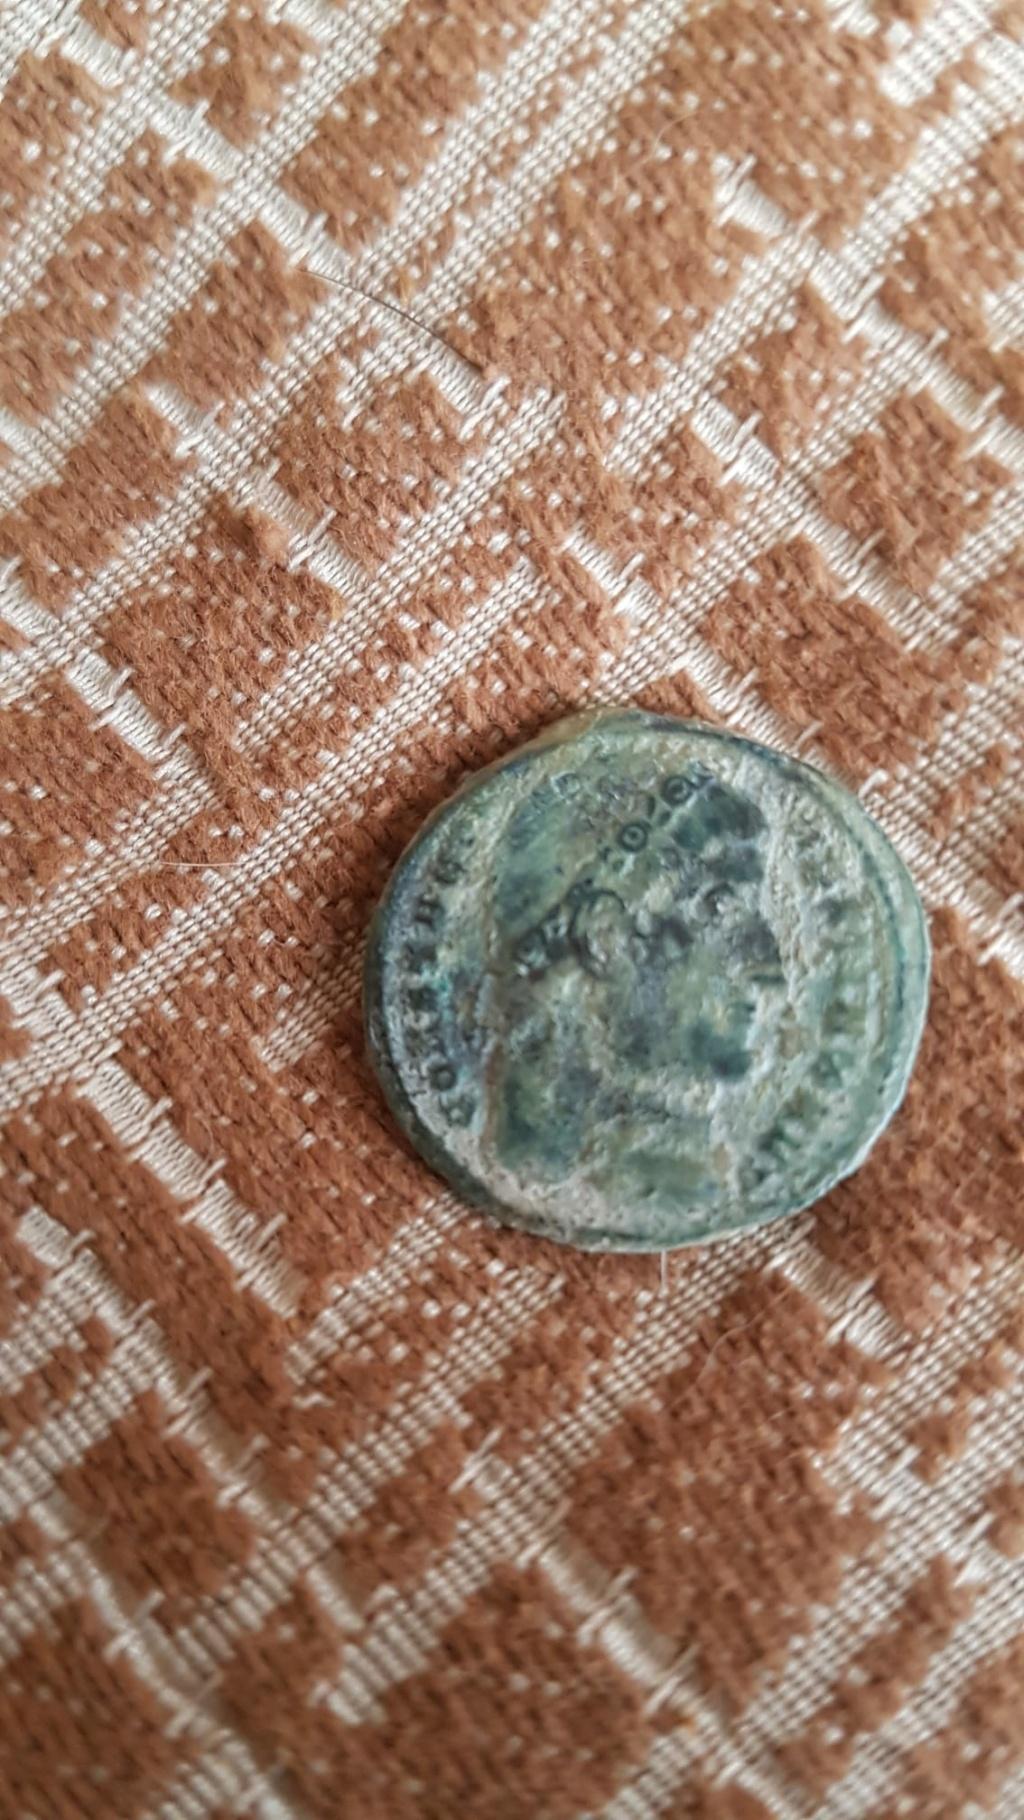 AE3 o Centenional de Constantino I. CONSTANTINIANA DAFNE. Constantinopla  Img-2020